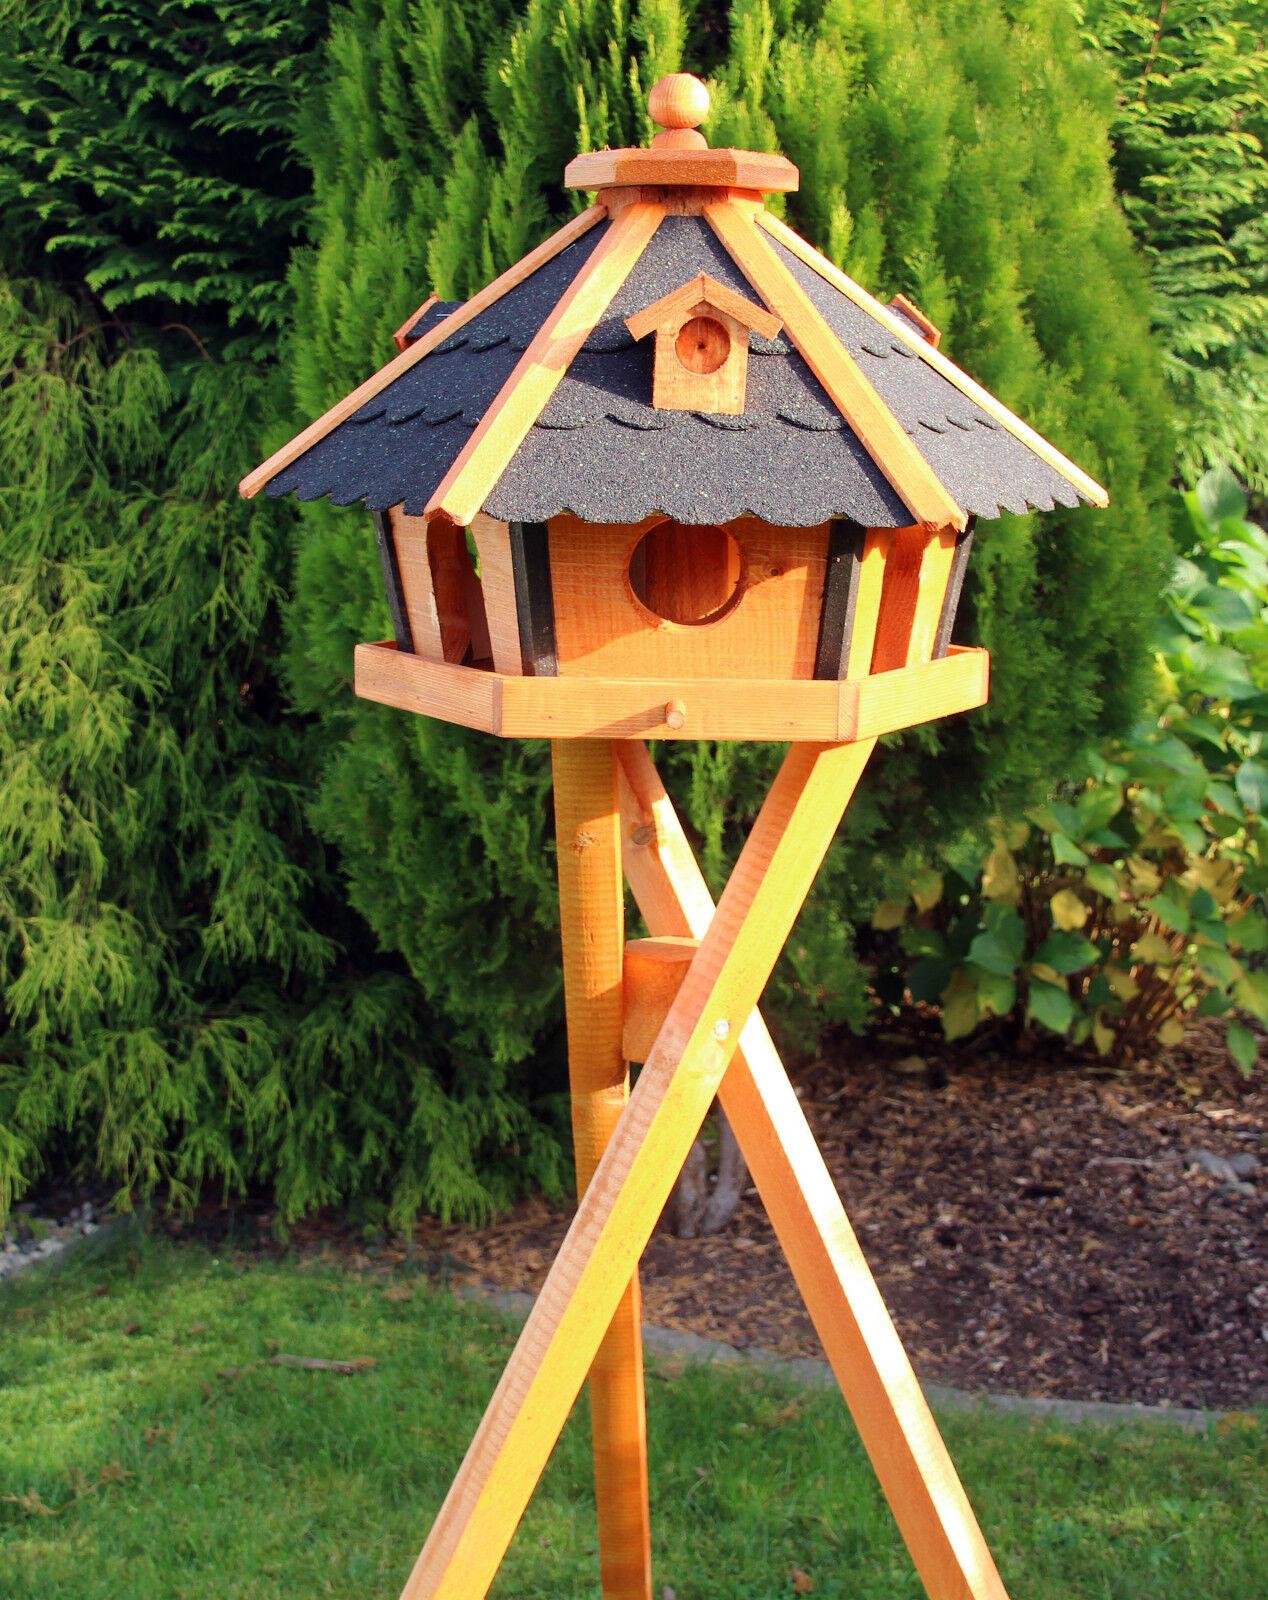 Vogelhaus Vogelhäuser aus Holz Typ 24 auch mit Ständer | Mittlere Kosten  | Viele Stile  | ein guter Ruf in der Welt